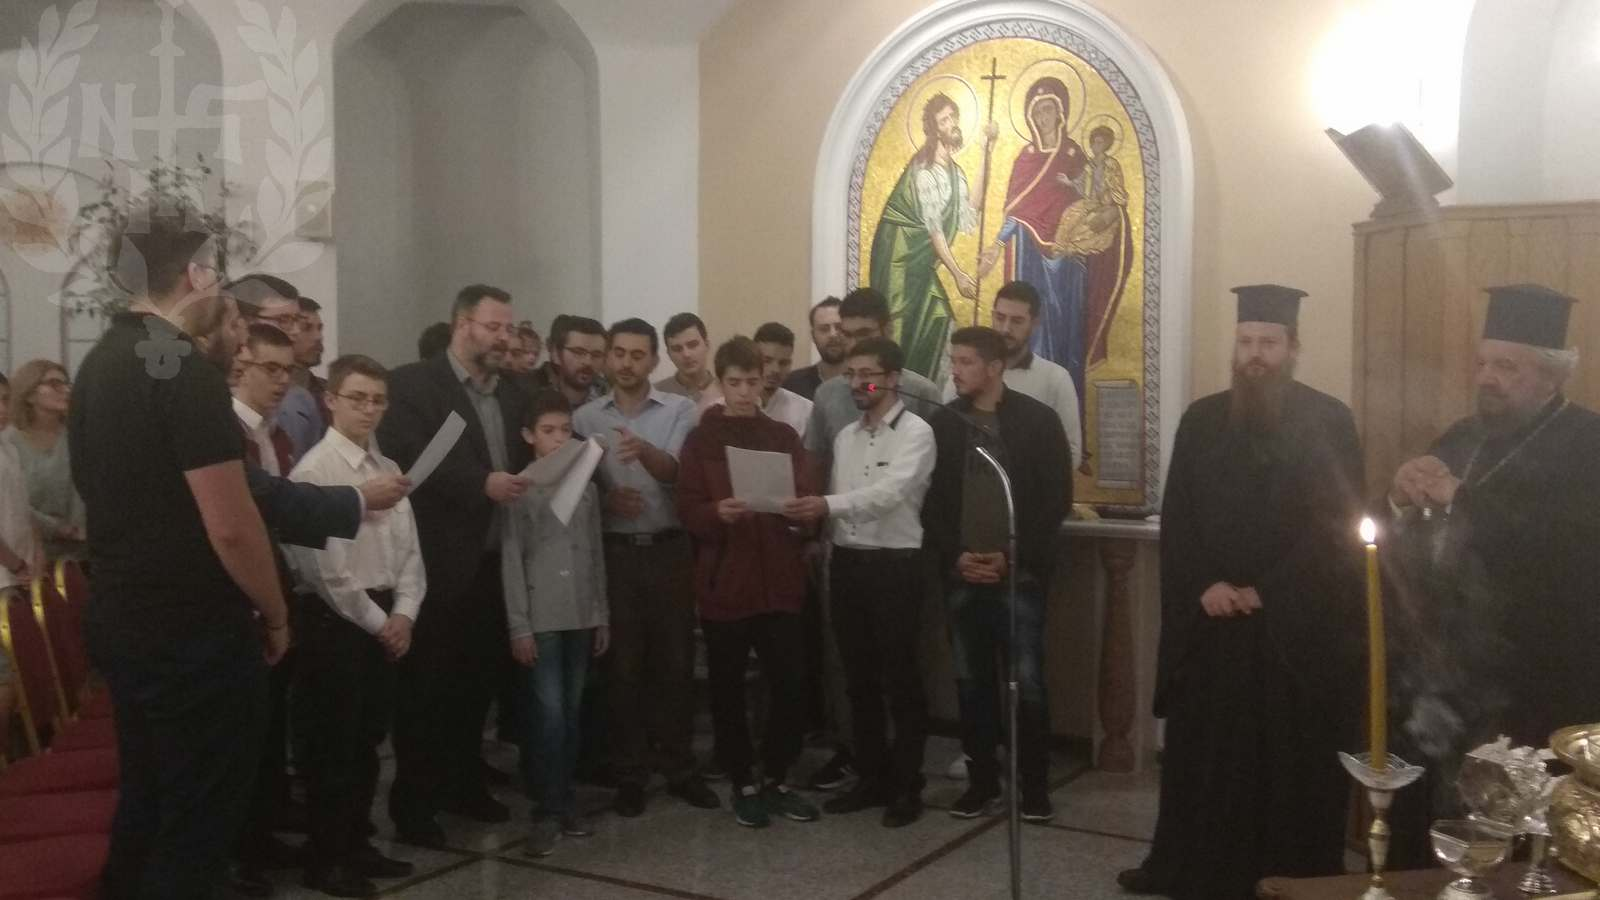 Μητρόπολη Νεαπόλεως Αγιασμός στη Σχολή Βυζαντινής Μουσικής από τον Βαρνάβα